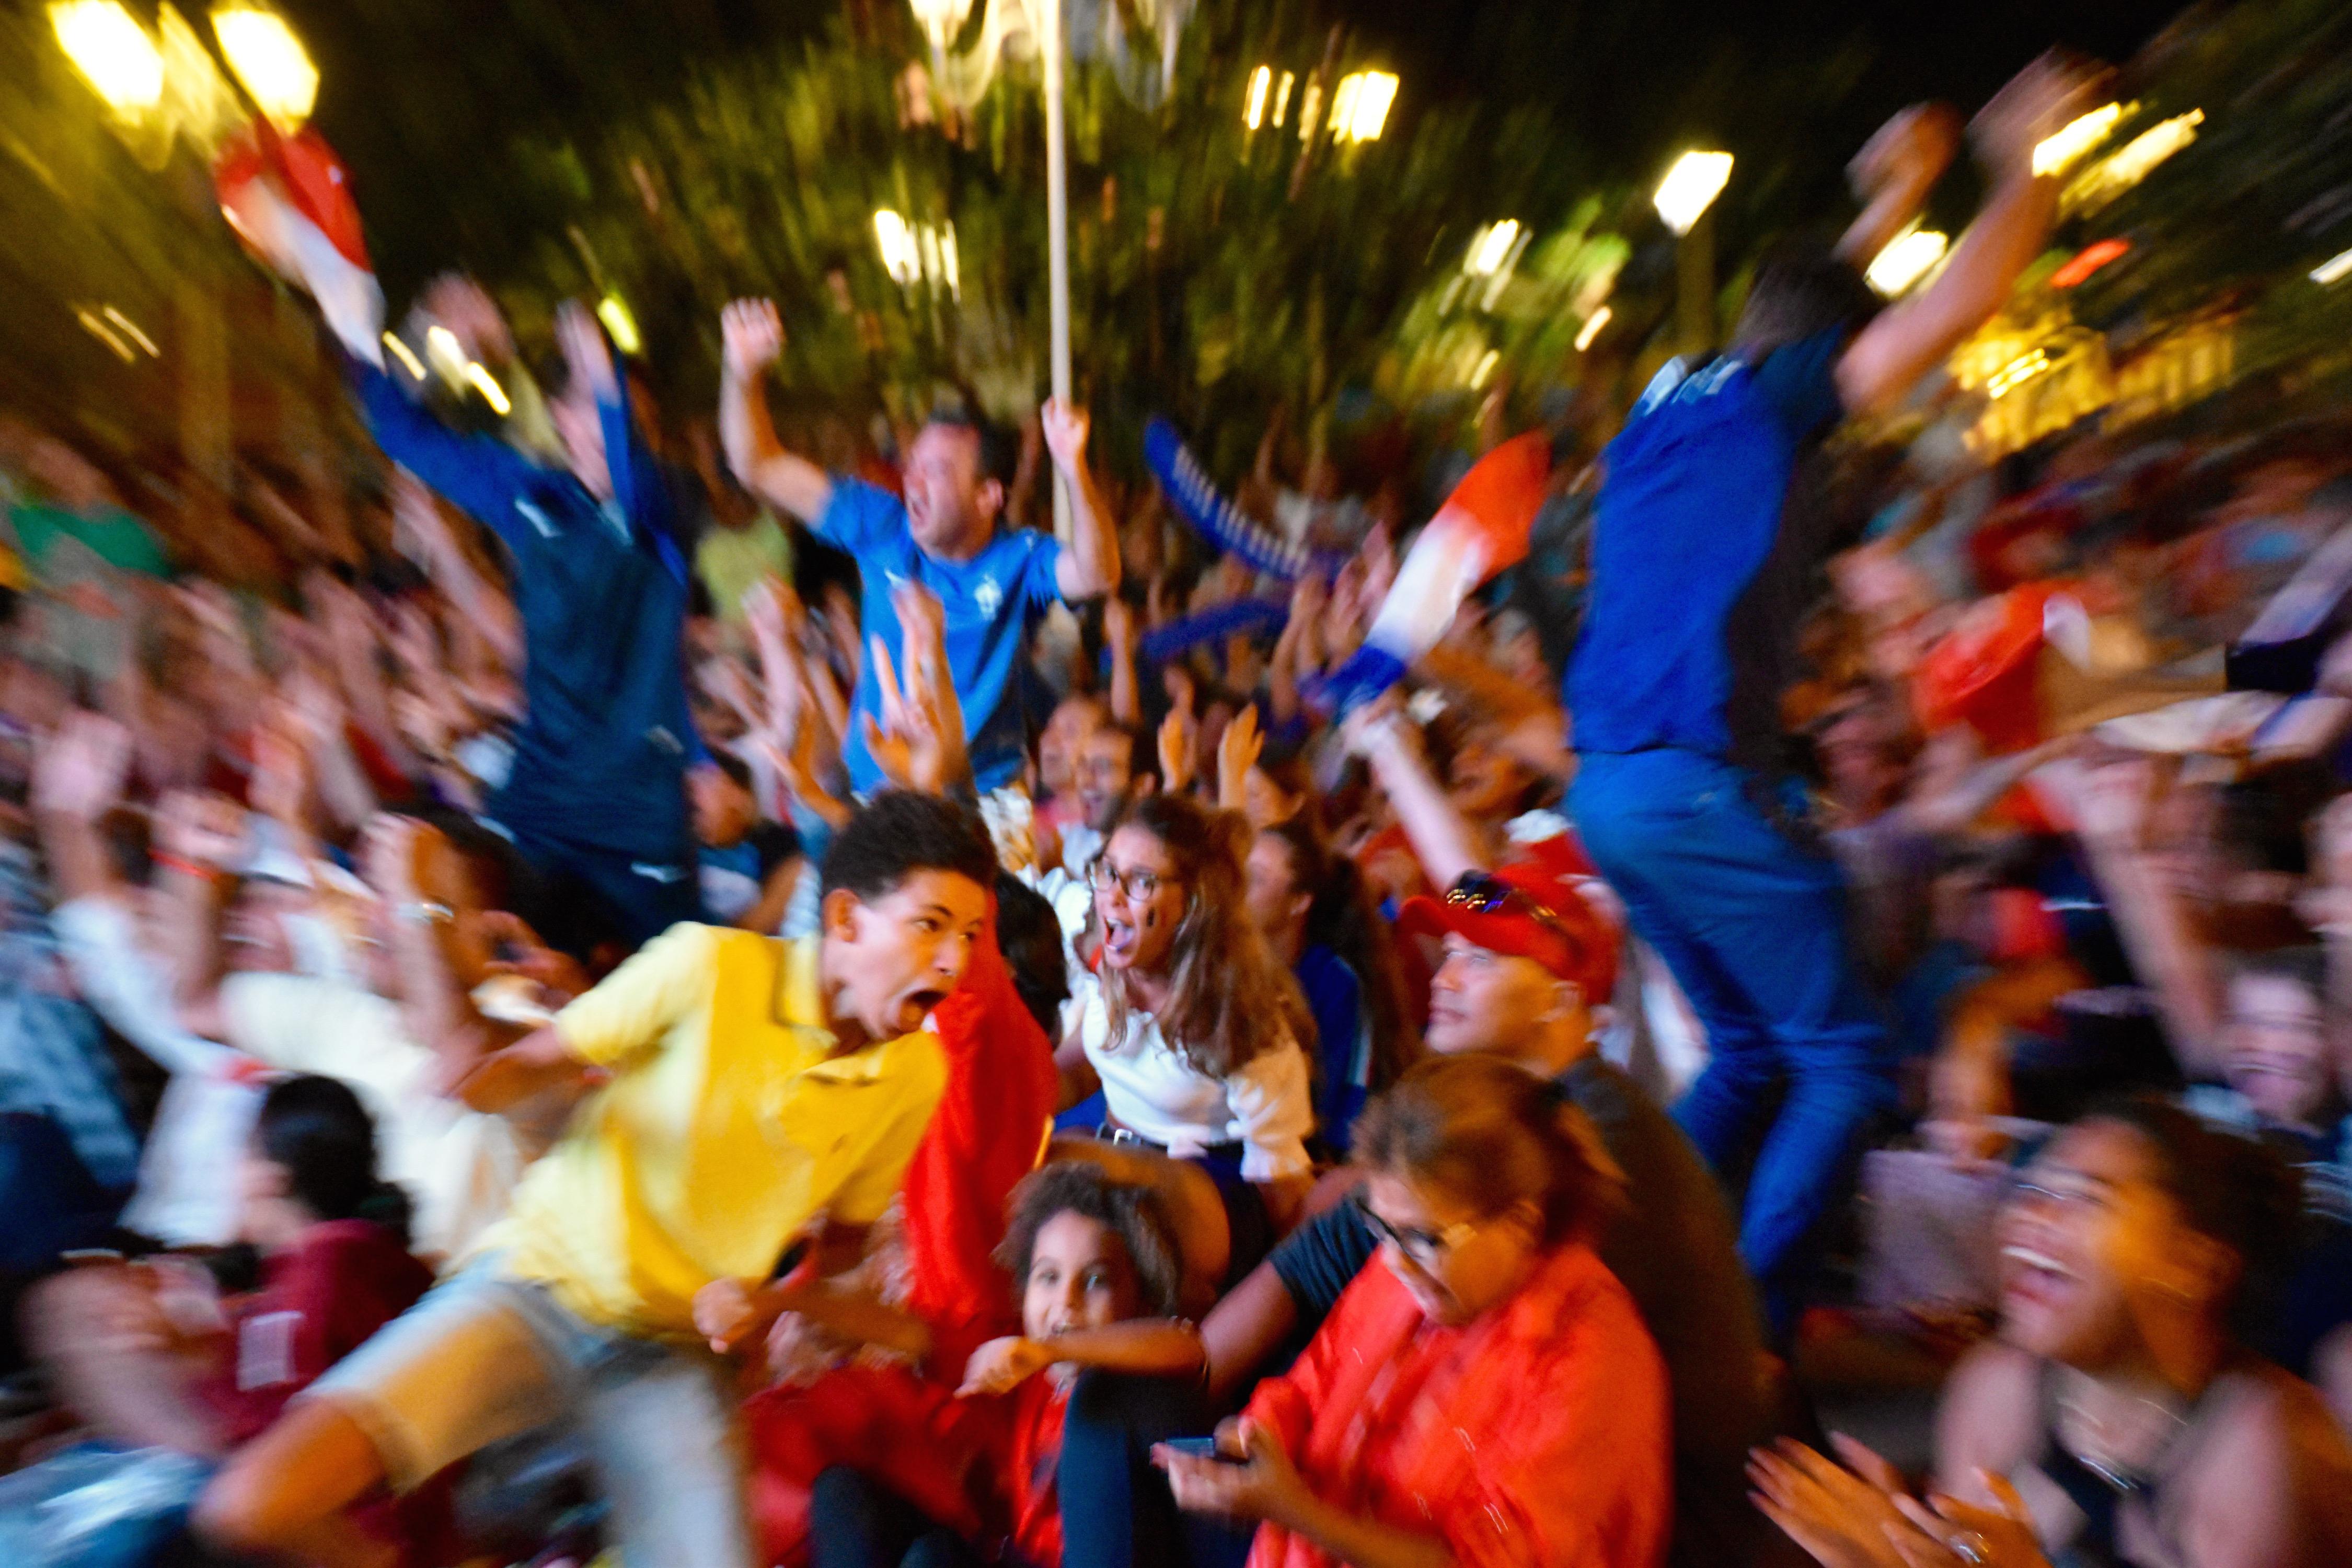 Place Vaiete : La finale de la coupe du monde en image